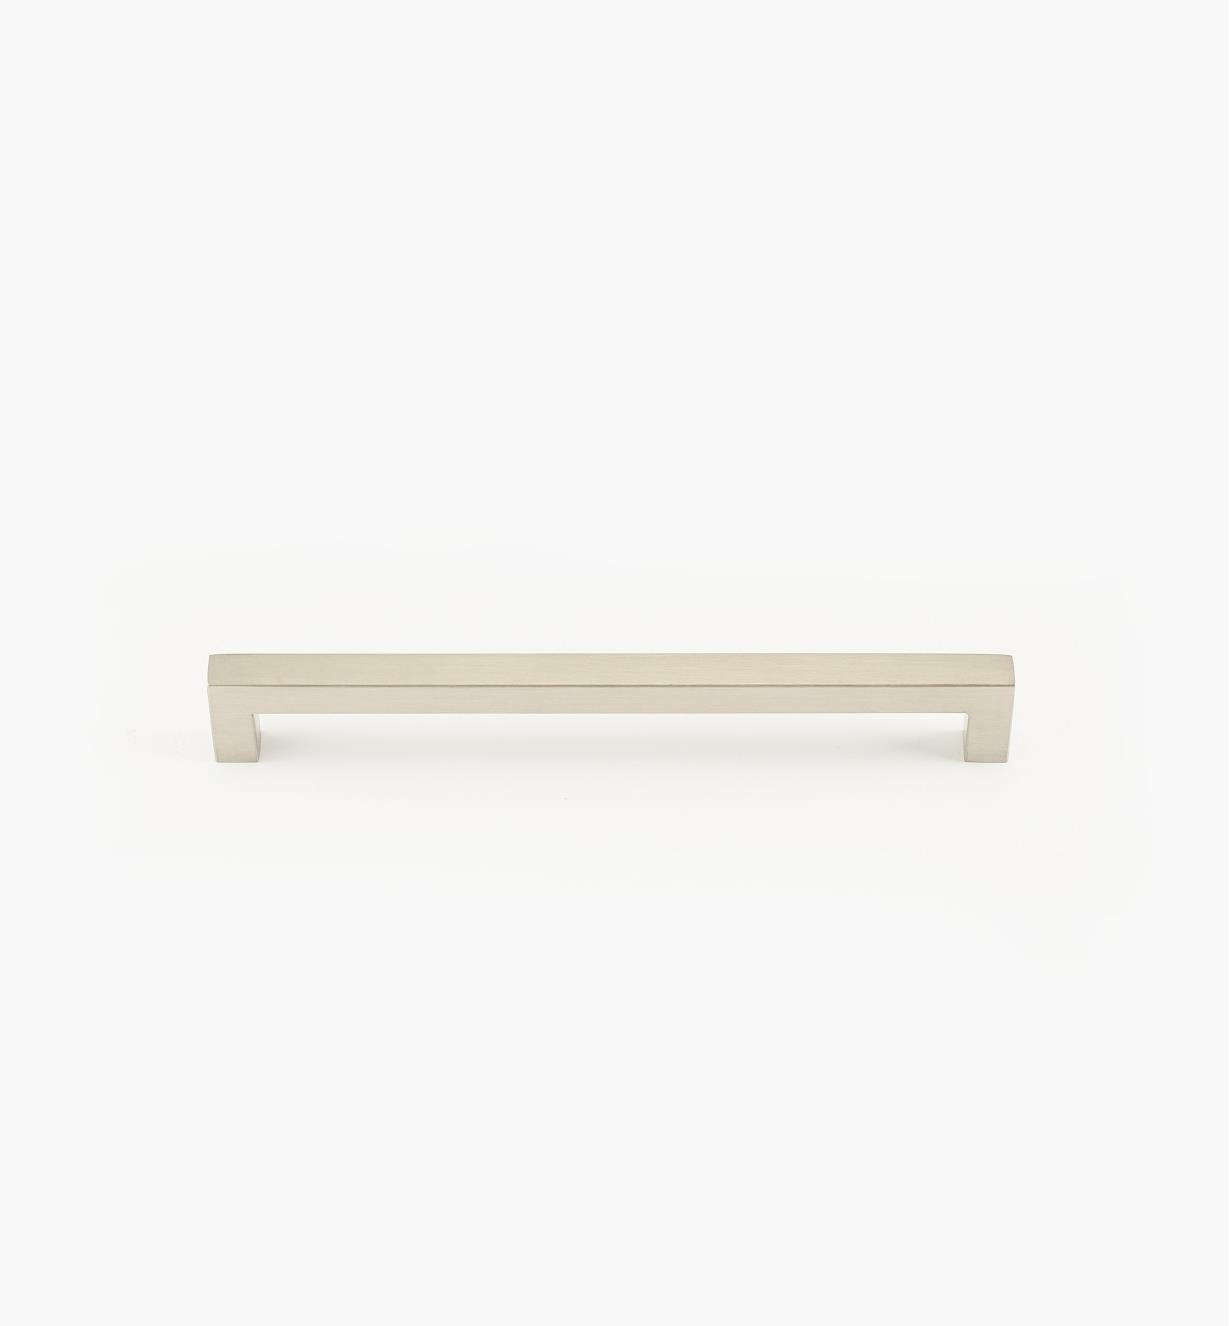 01W8016 - Poignée-tube carrée en acier inoxydable, 256mm